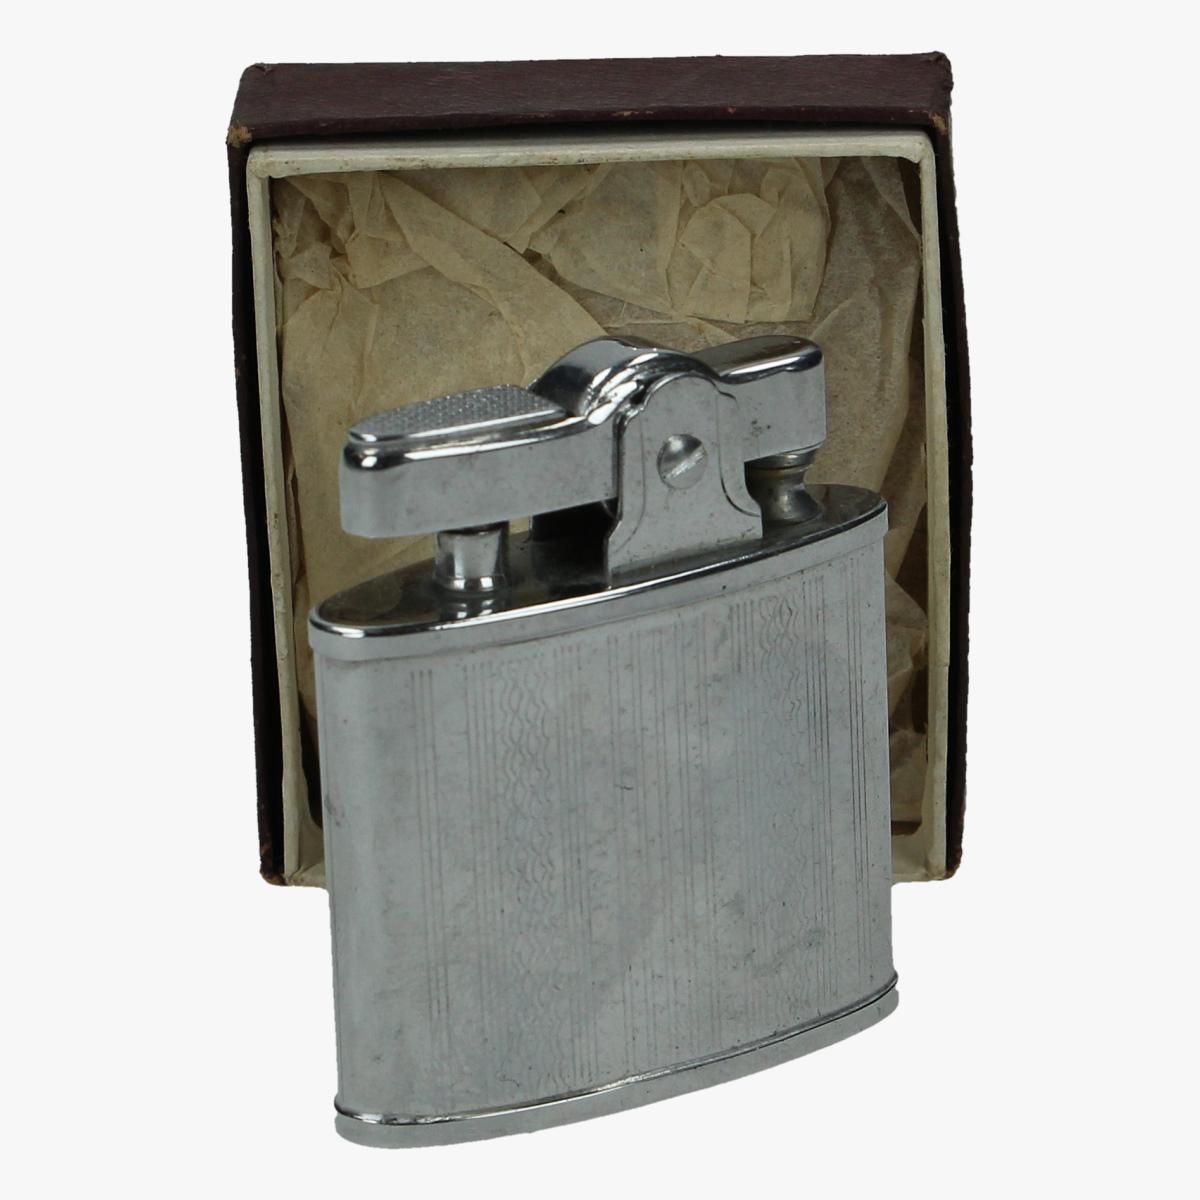 Afbeeldingen van oude aansteker in doosje (nieuwstaat)